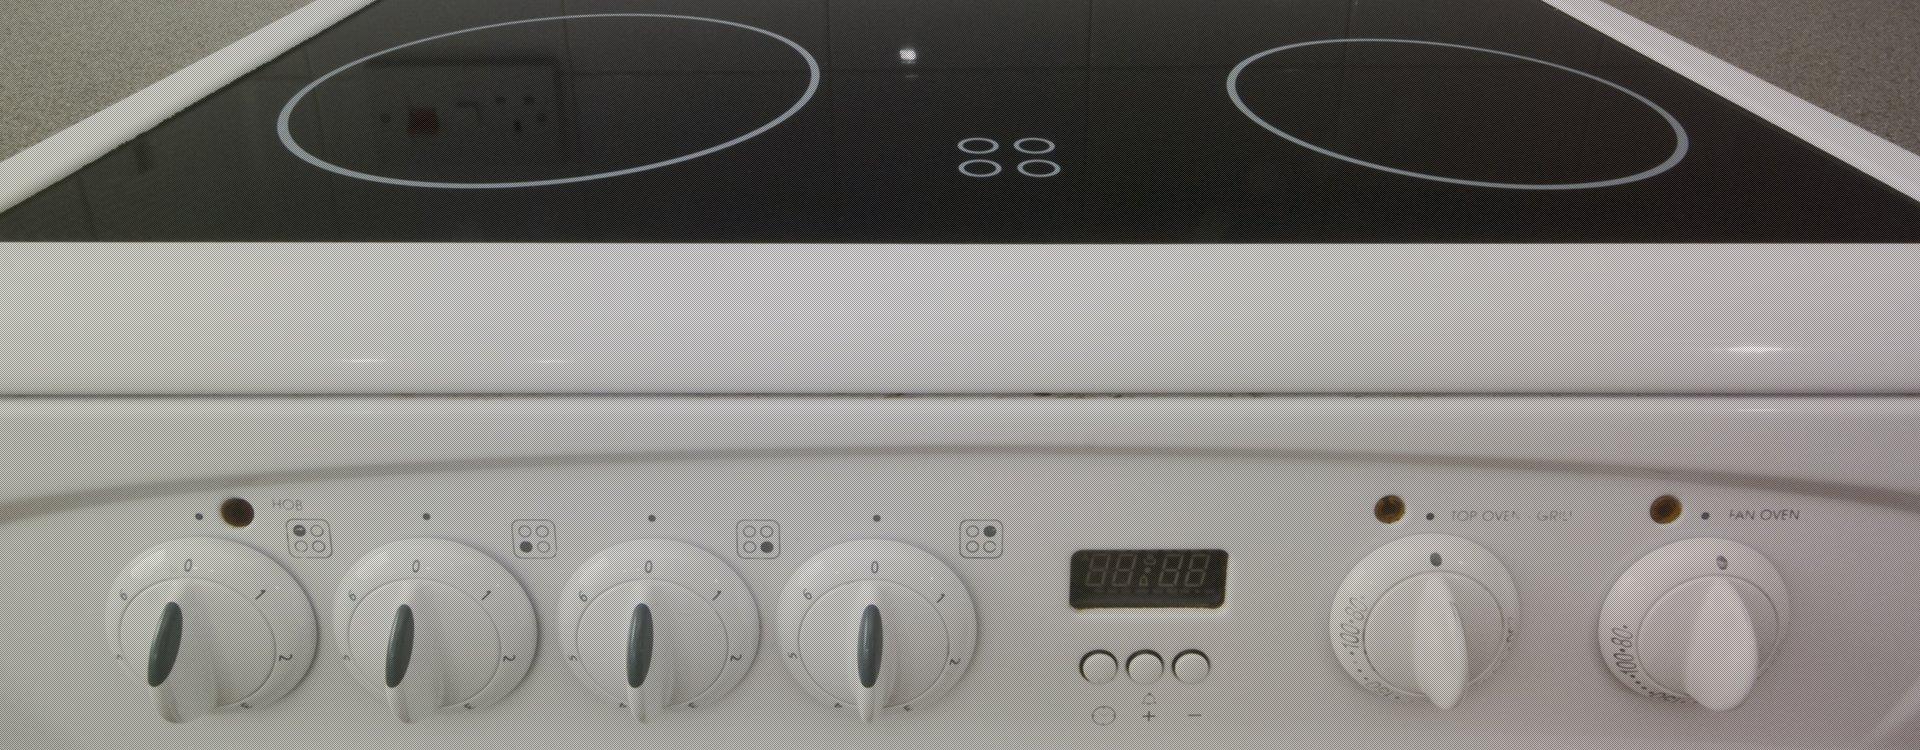 Uncategorized kitchen appliance repair parts for Kitchen appliance services